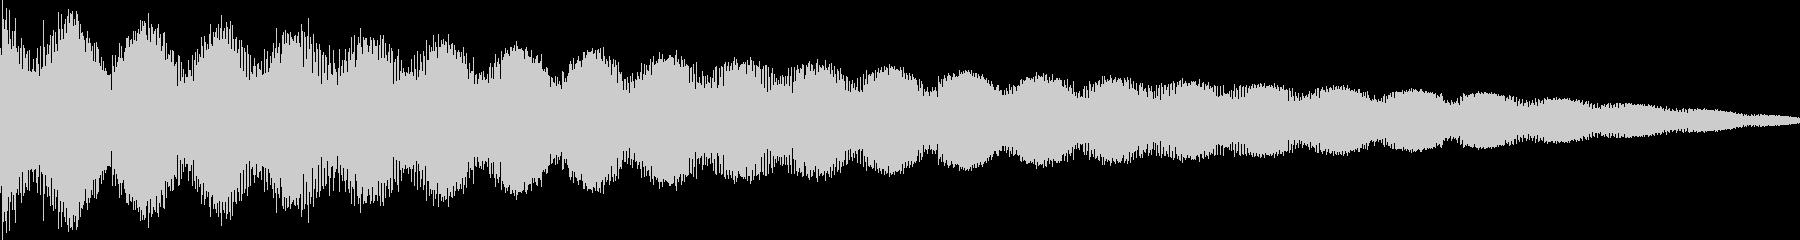 ゲーム系エラー・リフレクトの未再生の波形